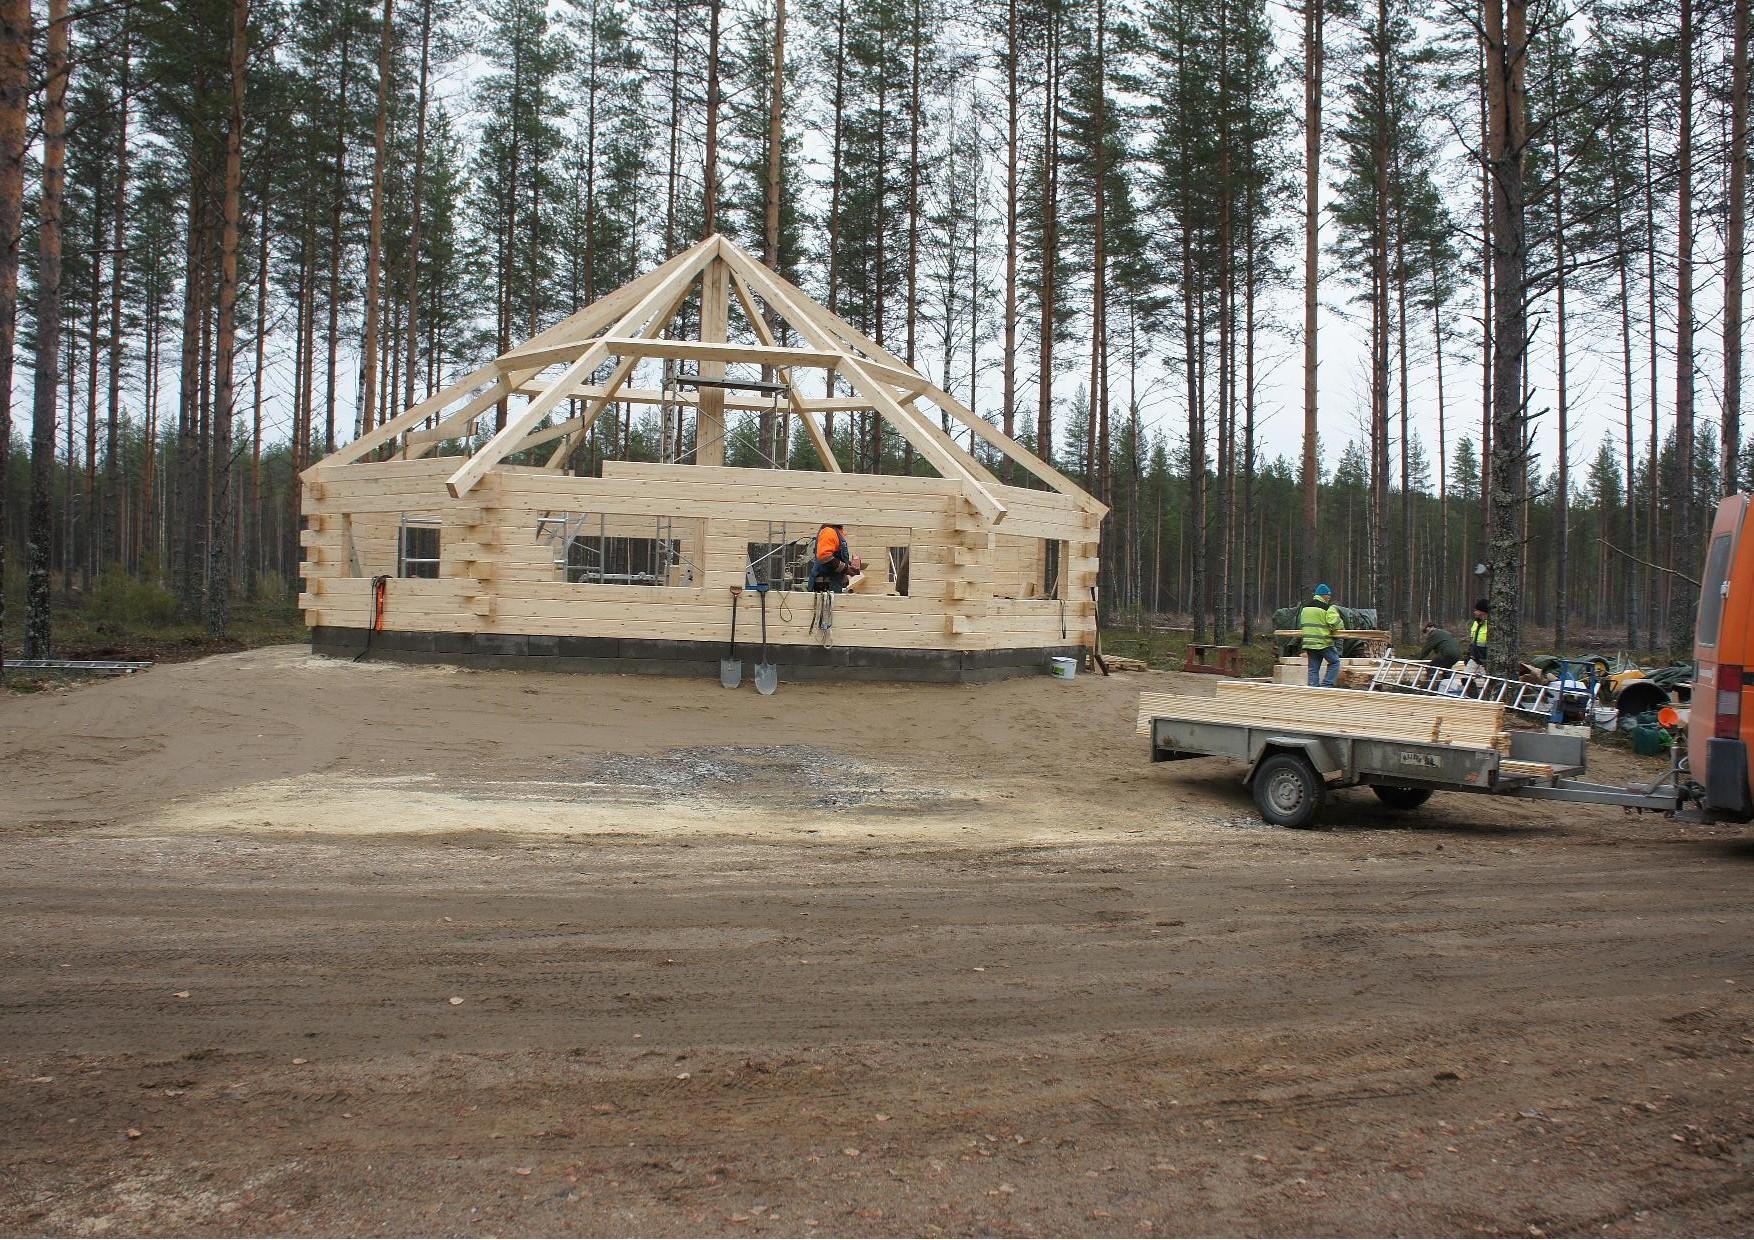 Rakennustarvikkeita tuli, katonaluslaudat ovat nyt tontilla. SuomiPuu Oy ja Anaika Wood Ltd avustivat hankinnassa.